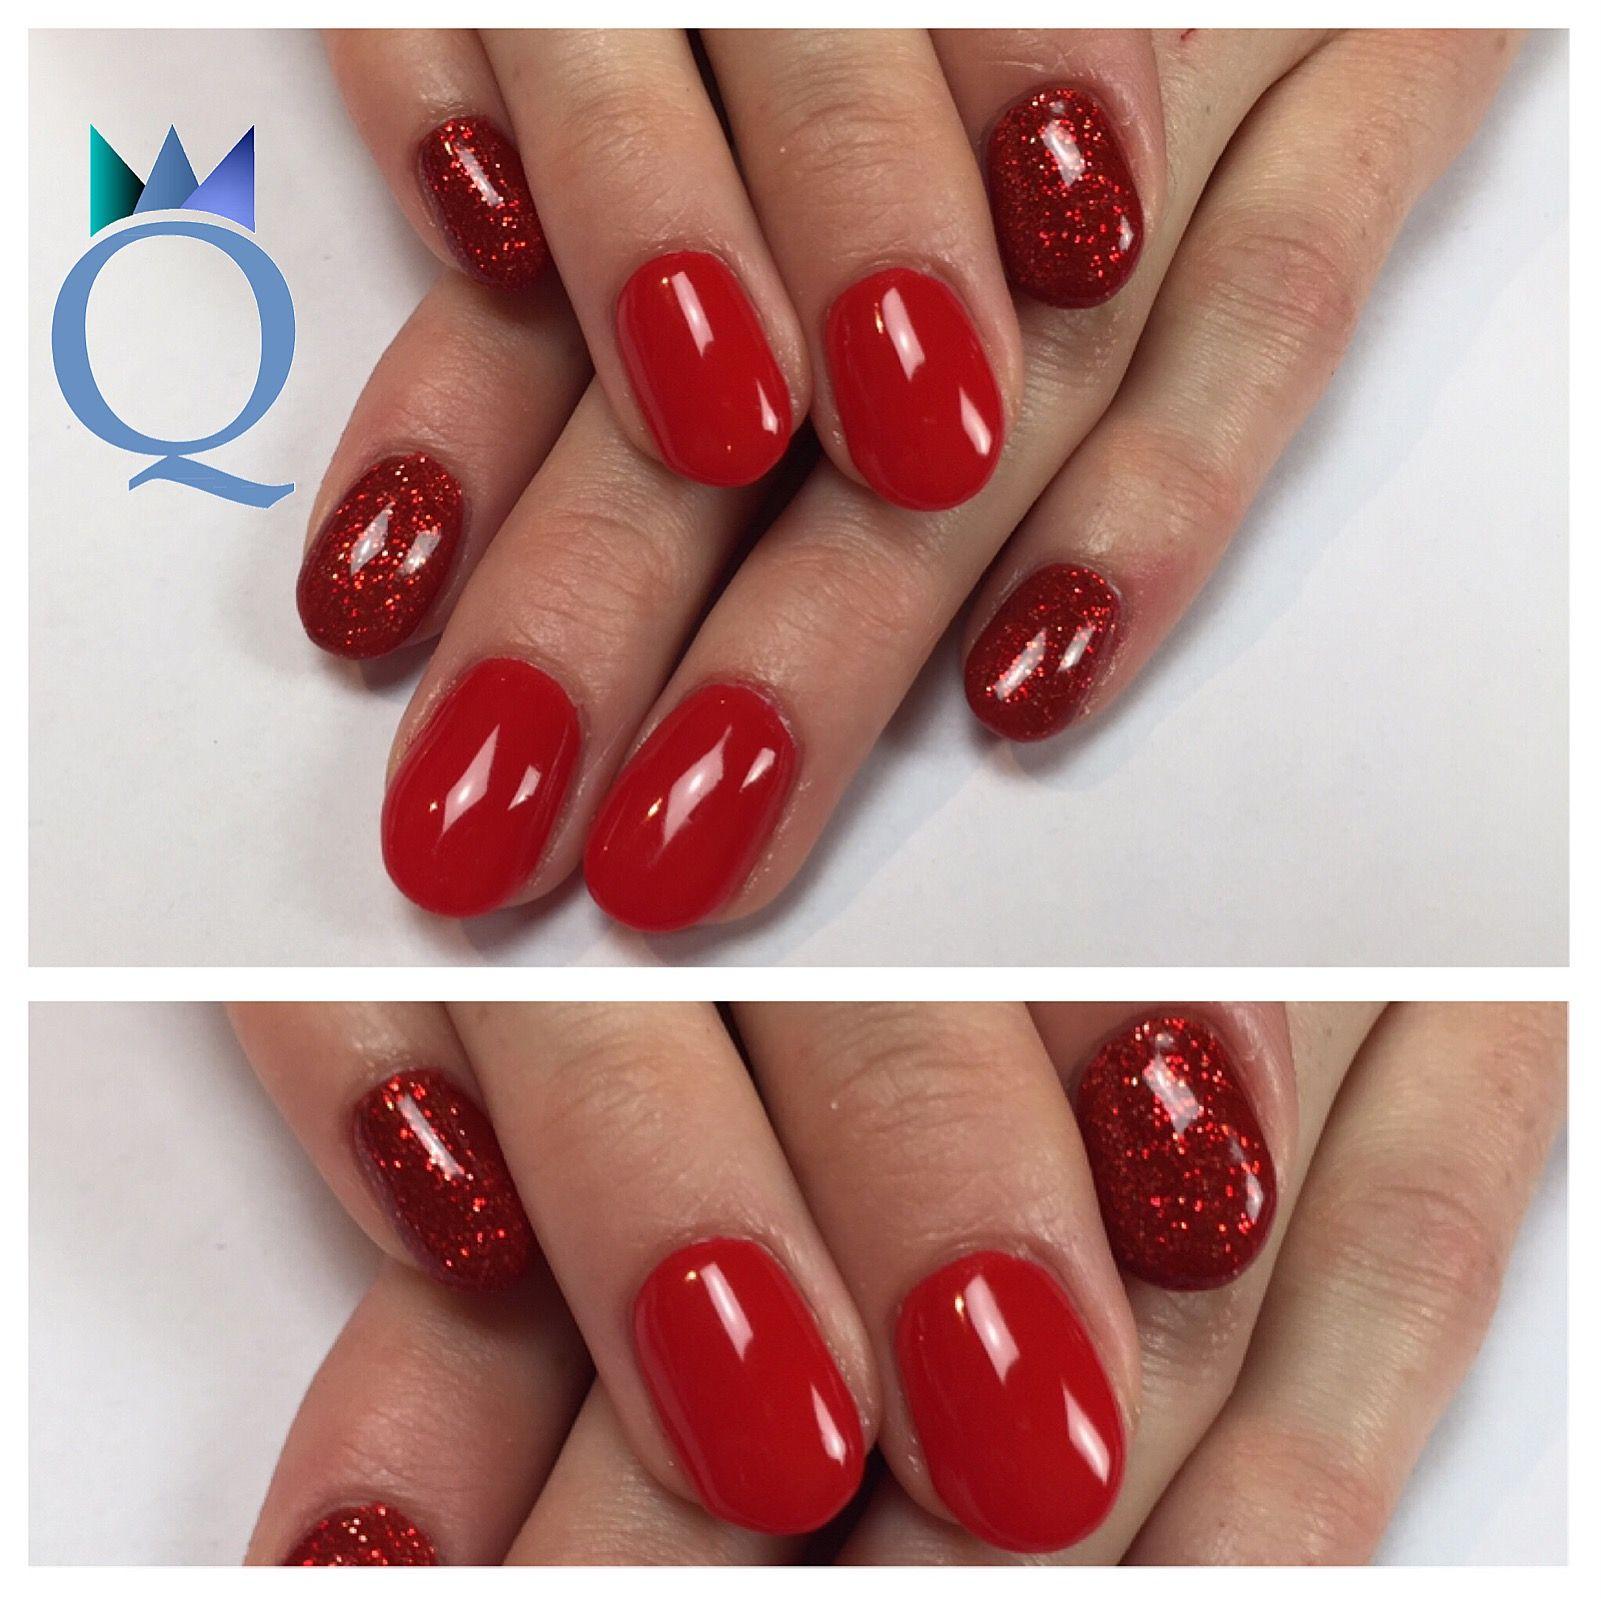 shortnails #gelnails #nails #red #glitter #fallnails #kurzenägel ...